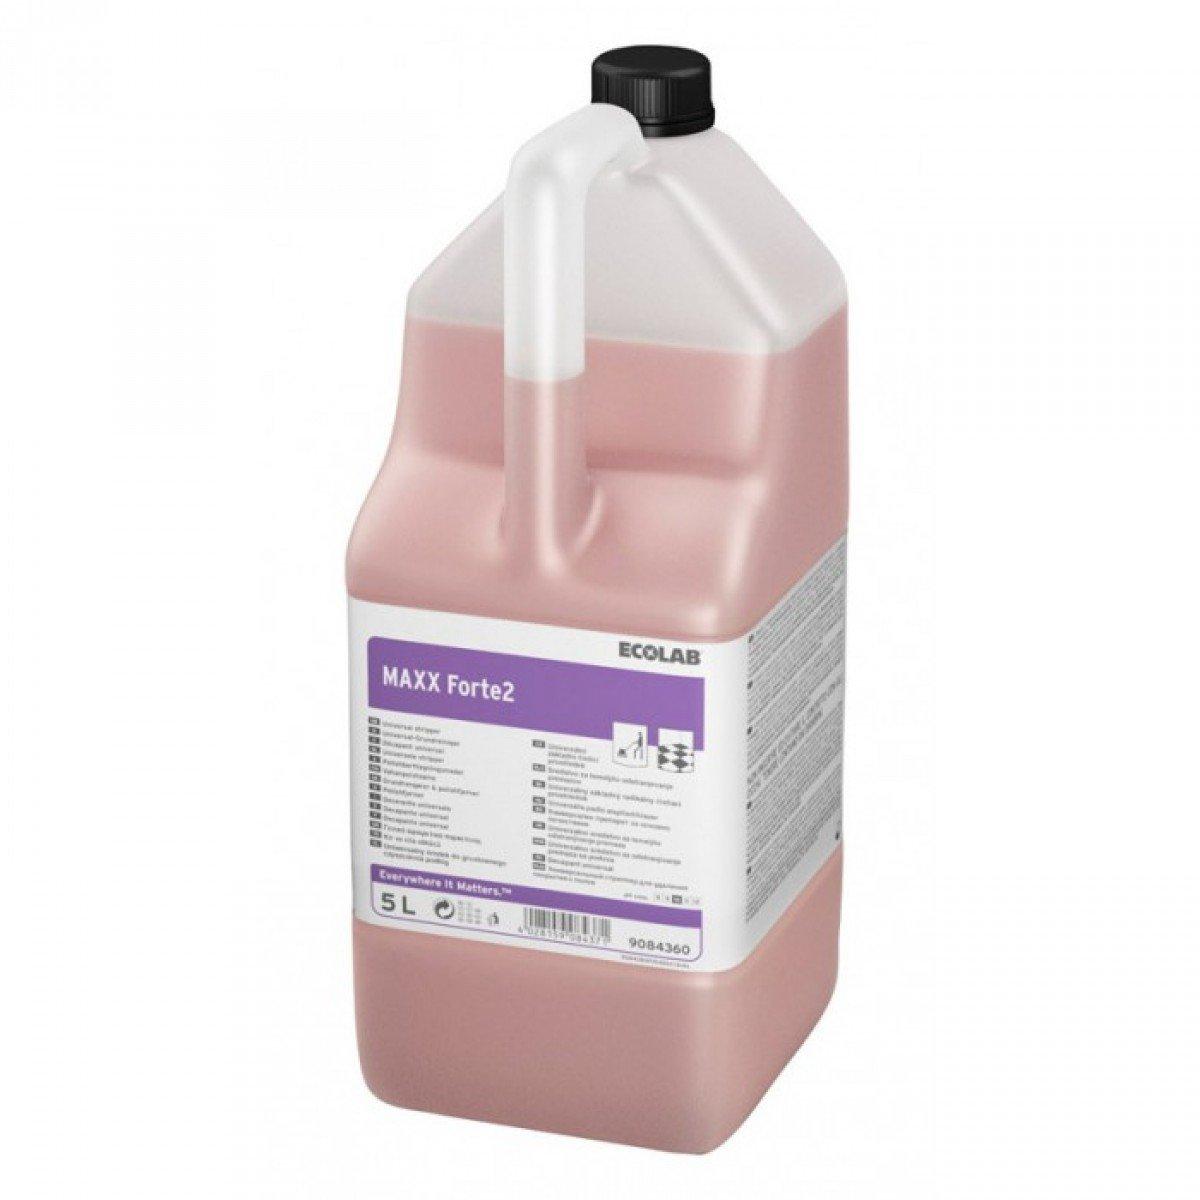 Ecolab | Maxx Forte2 Vloerstripper | 2 x 5 liter